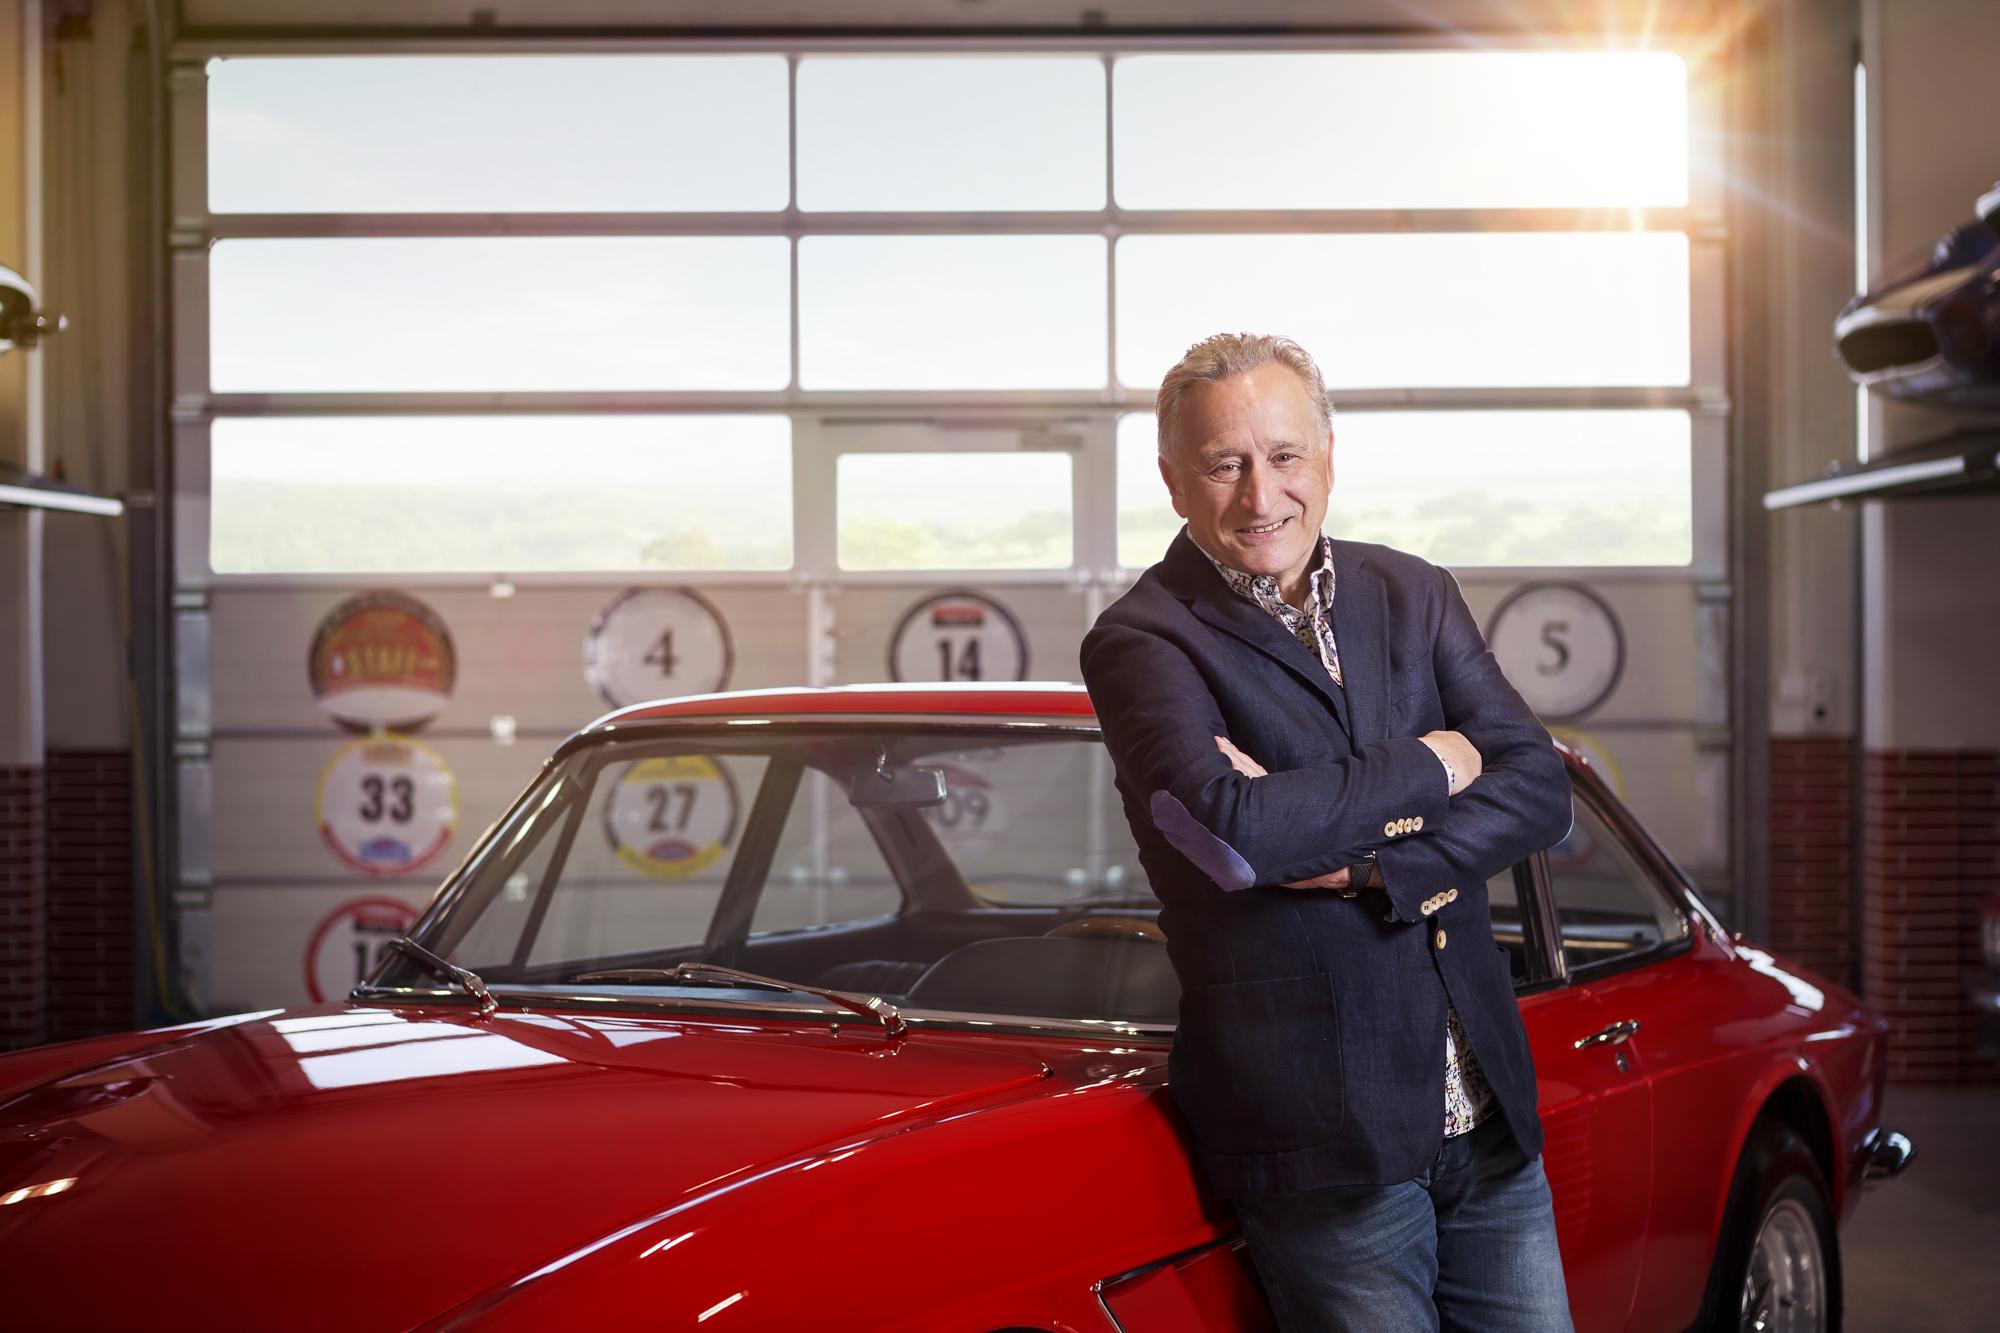 tiziano Carugati, Owner at Carugati Automobile